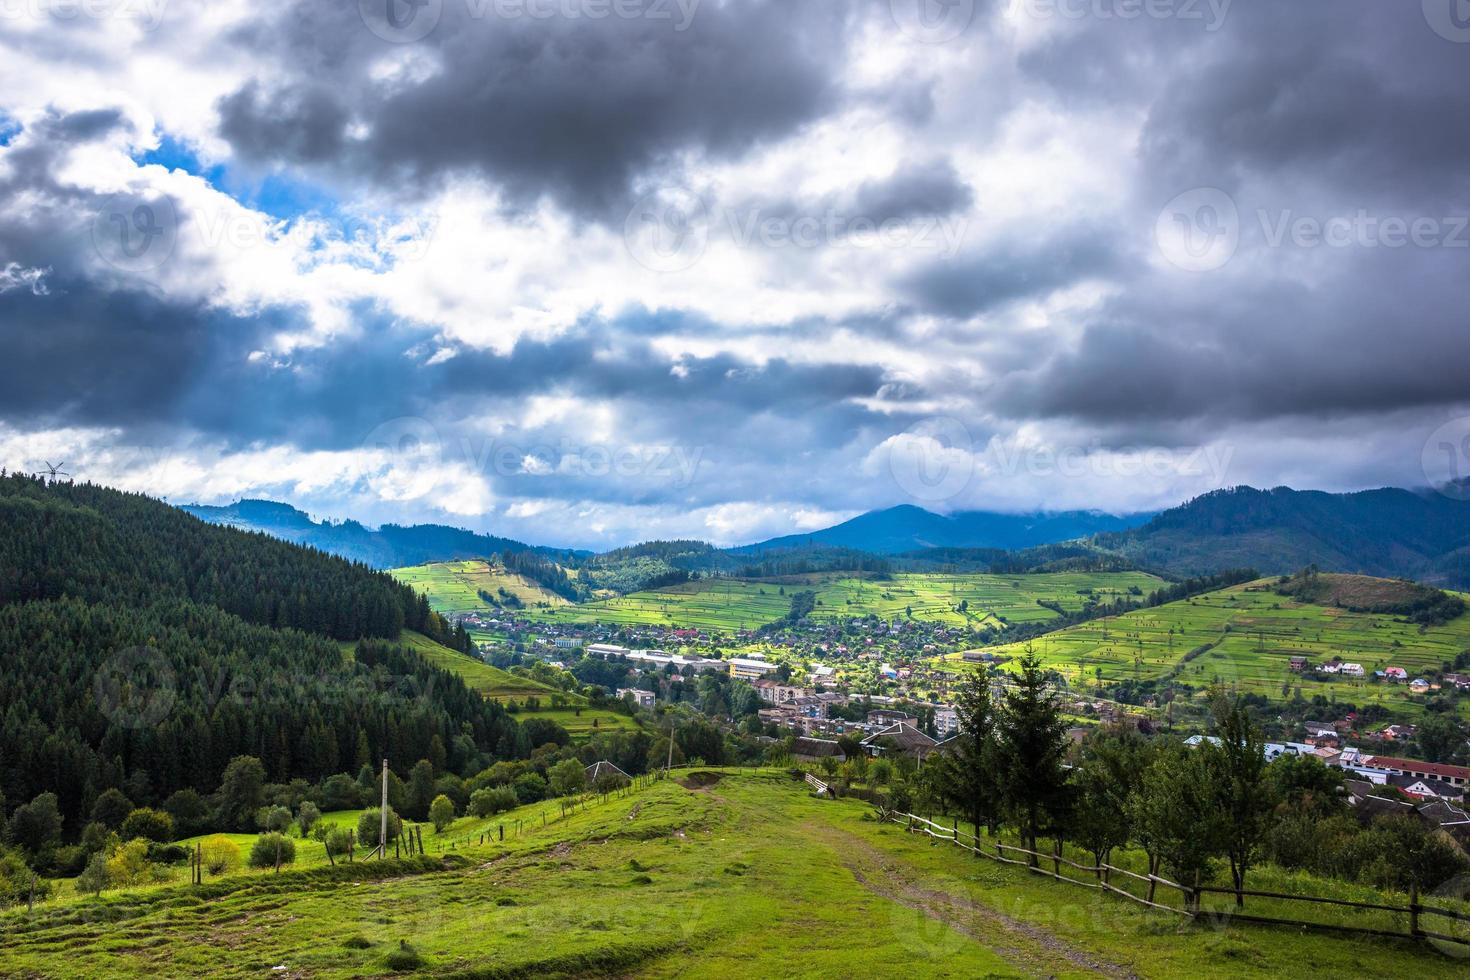 villaggio di montagna sopra il cielo nuvoloso foto